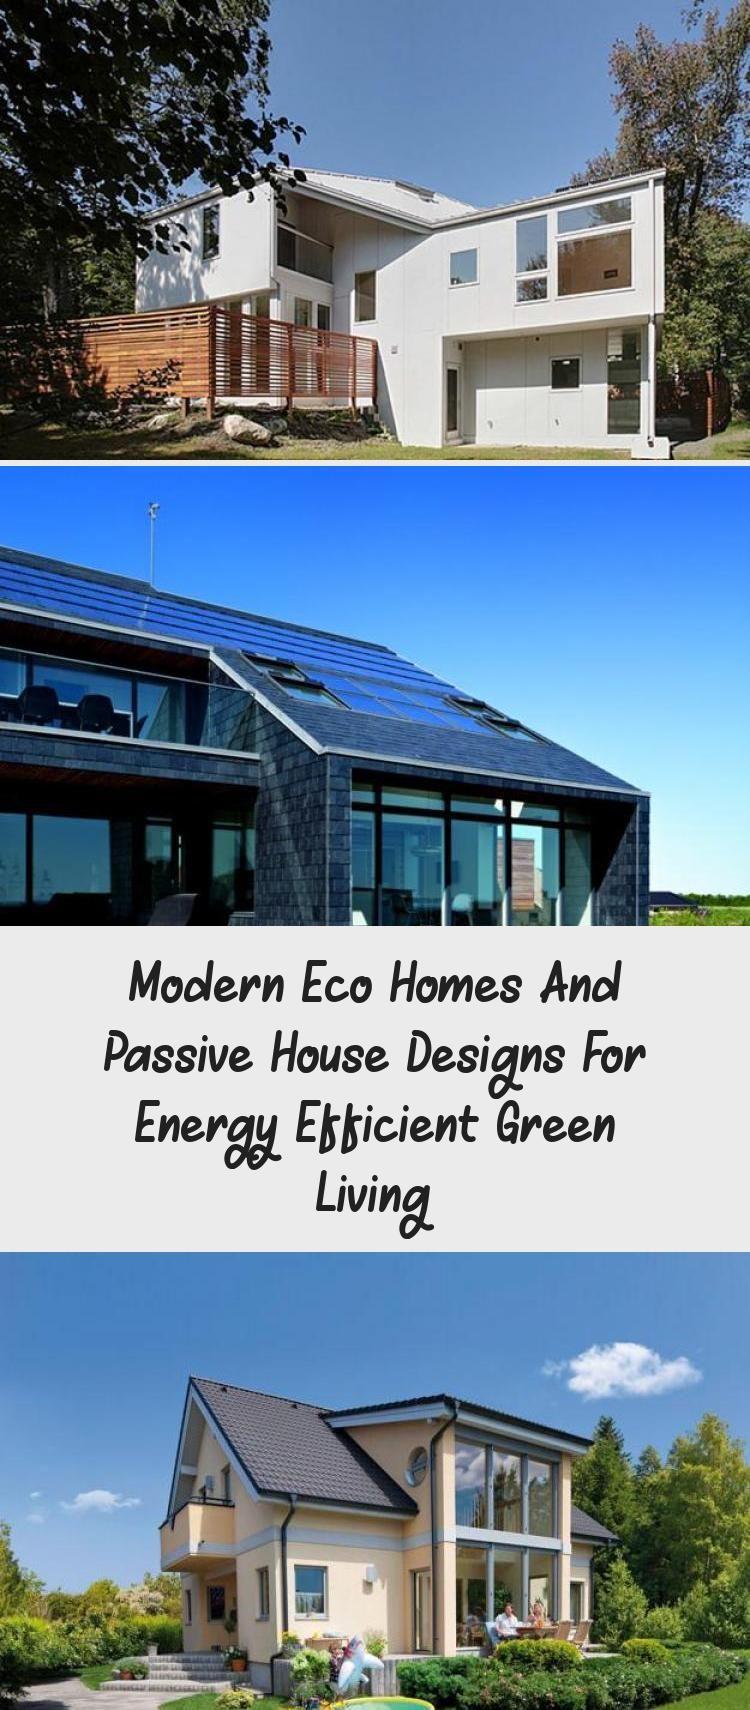 Moderne Oko Hauser Und Passivhaus Designs Fur Energieeffizientes Grunes Leben Architektur Eco House Design Passive House Design Energy Efficient House Design